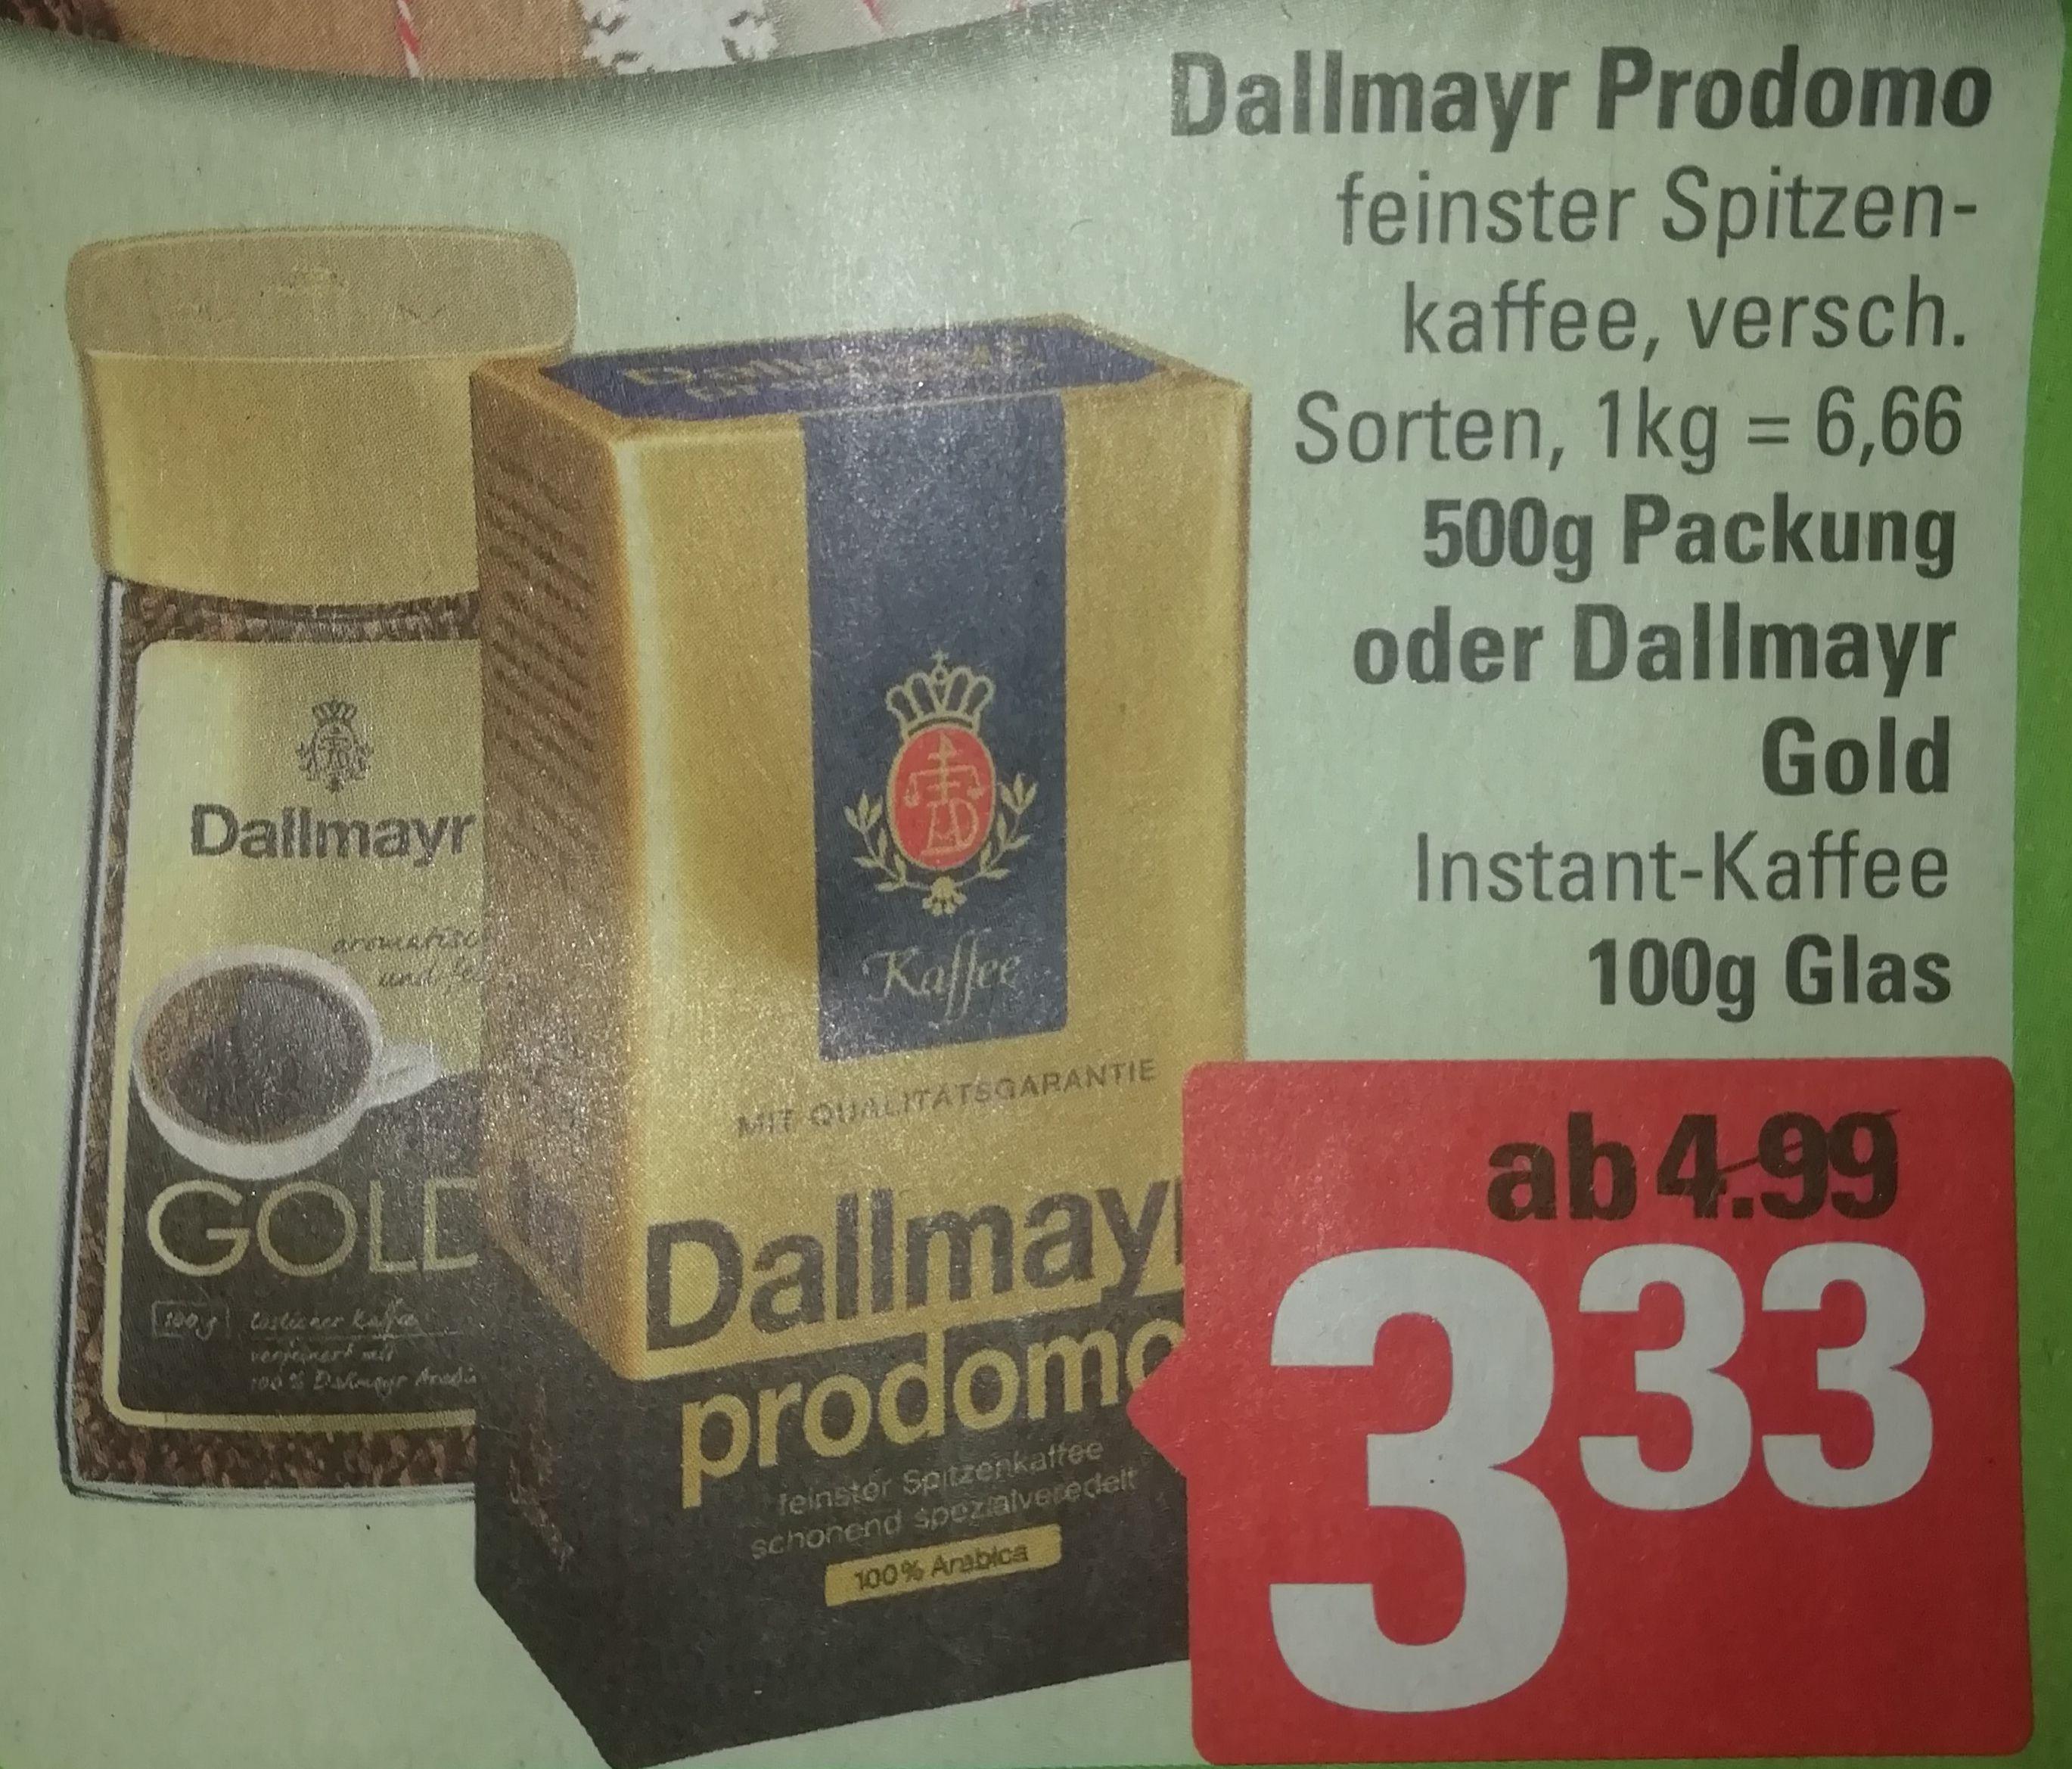 [Marktkauf Minden-Hannover] Ab 18.11, z.b. Dallmayr Prodomo für 2,33 Euro dank Coupon